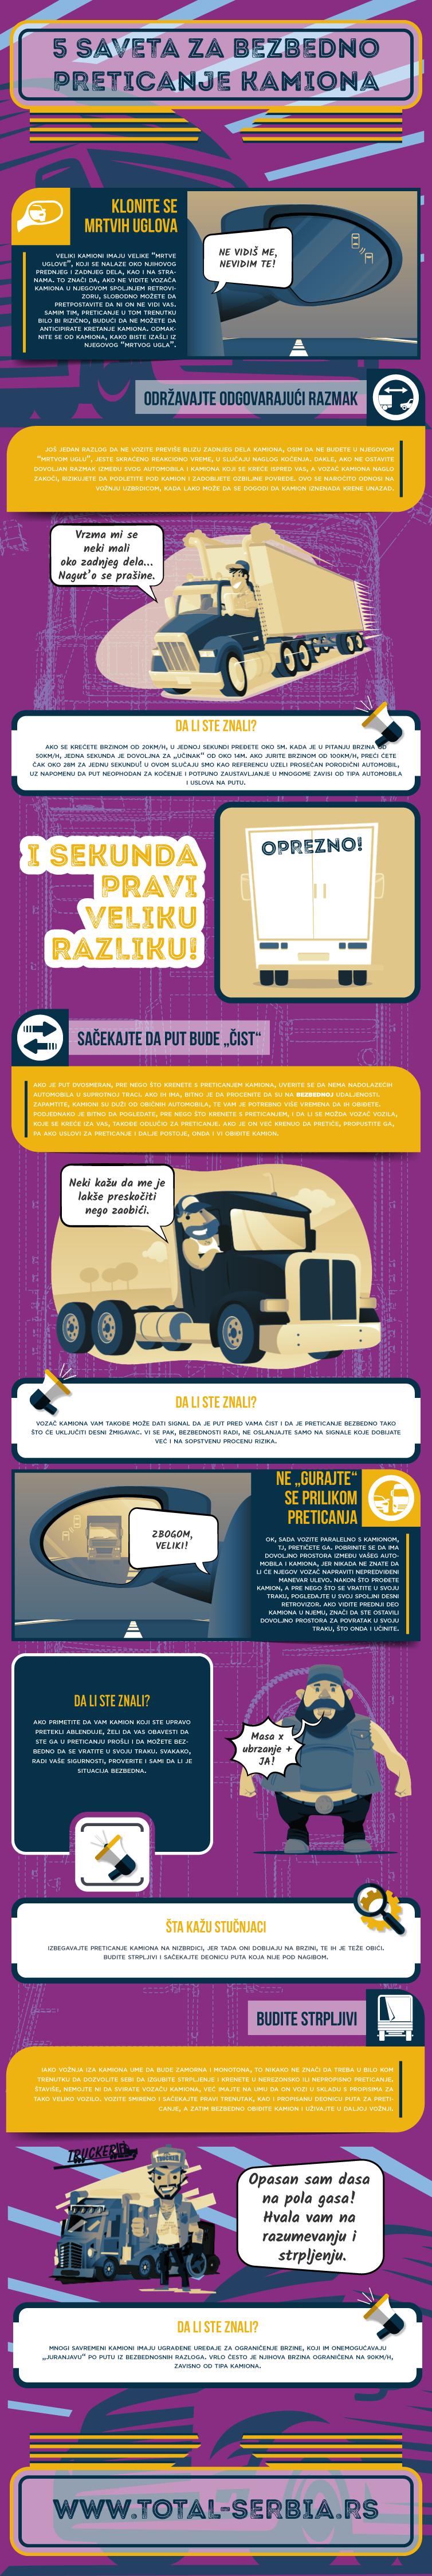 saveta za bezbedno preticanje kamiona